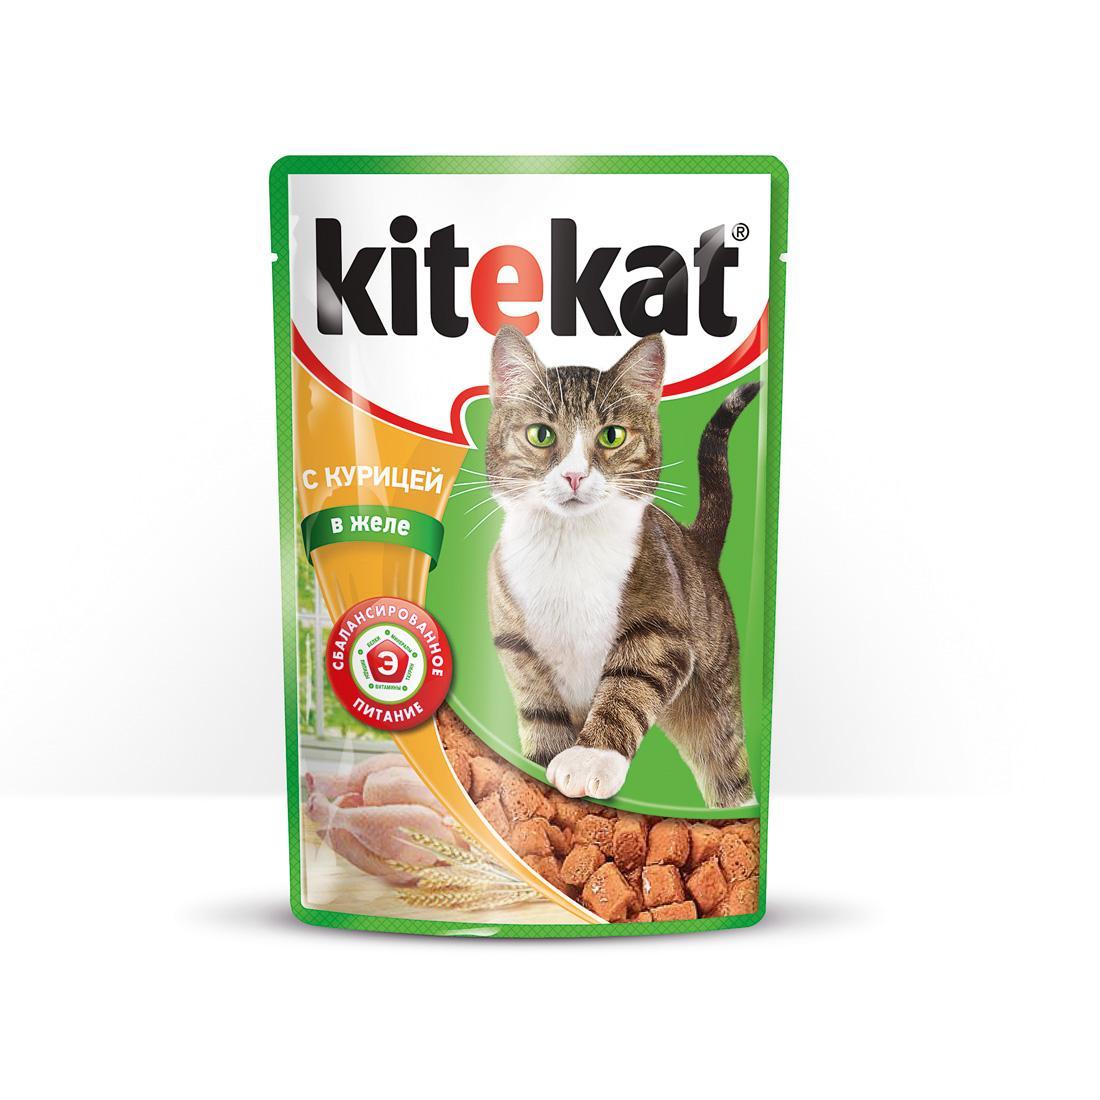 Консервы Kitekat для взрослых кошек, с курицей в желе, 100 г25397Консервы для взрослых кошек Kitekat - полнорационный сбалансированный корм для кошек, который идеально подойдет вашему любимцу. Корм приготовлен по особому рецепту, в его основе - формула сбалансированного питания, которая содержит белки, минералы, витамины, таурин, и животные жиры. Kitekat - это идеальный источник жизненных сил для кошки. Порадуйте вашего питомца обновленным меню в пакетиках. В каждой порции - только качественные продукты, как и те, что хранятся на вашей кухне. Корм не содержит сои, консервантов, ароматизаторов, искусственных красителей, усилителей вкуса. Состав: мясо и субпродукты (в том числе курица минимум 10%), злаки, таурин, витамины, минеральные вещества. Анализ: белки - 6,5 г, жиры - 3,5 г, клетчатка - 0,5 г, зола - 2,5 г, витамин А - не менее 70 МЕ мг, витамин Е - не менее 0,9 мг, влага - 84 г. Вес 100 г. Товар сертифицирован.